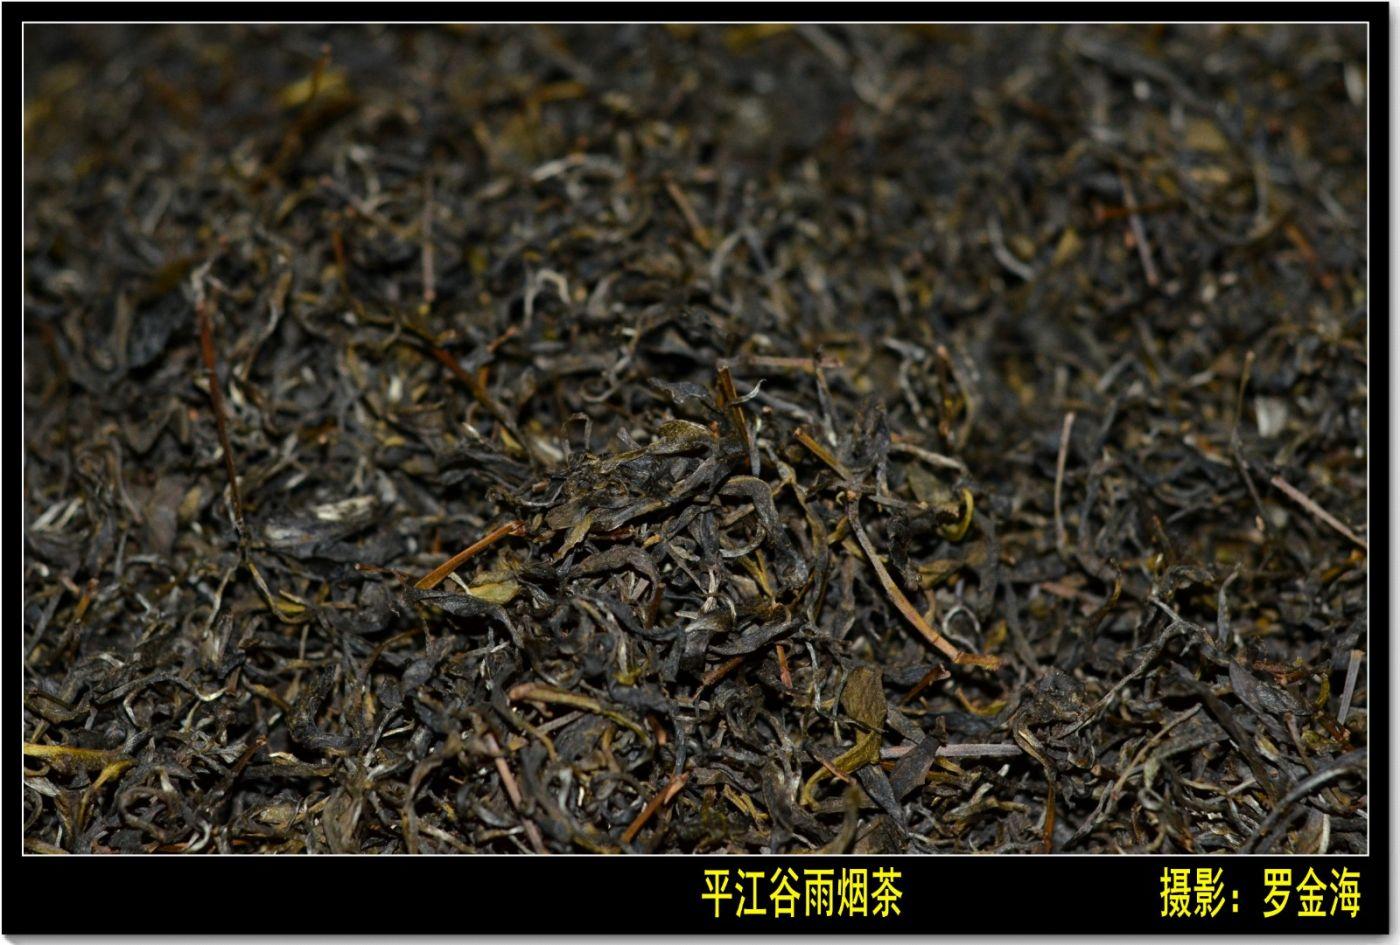 平江烟茶赋(古典诗词)_图1-6